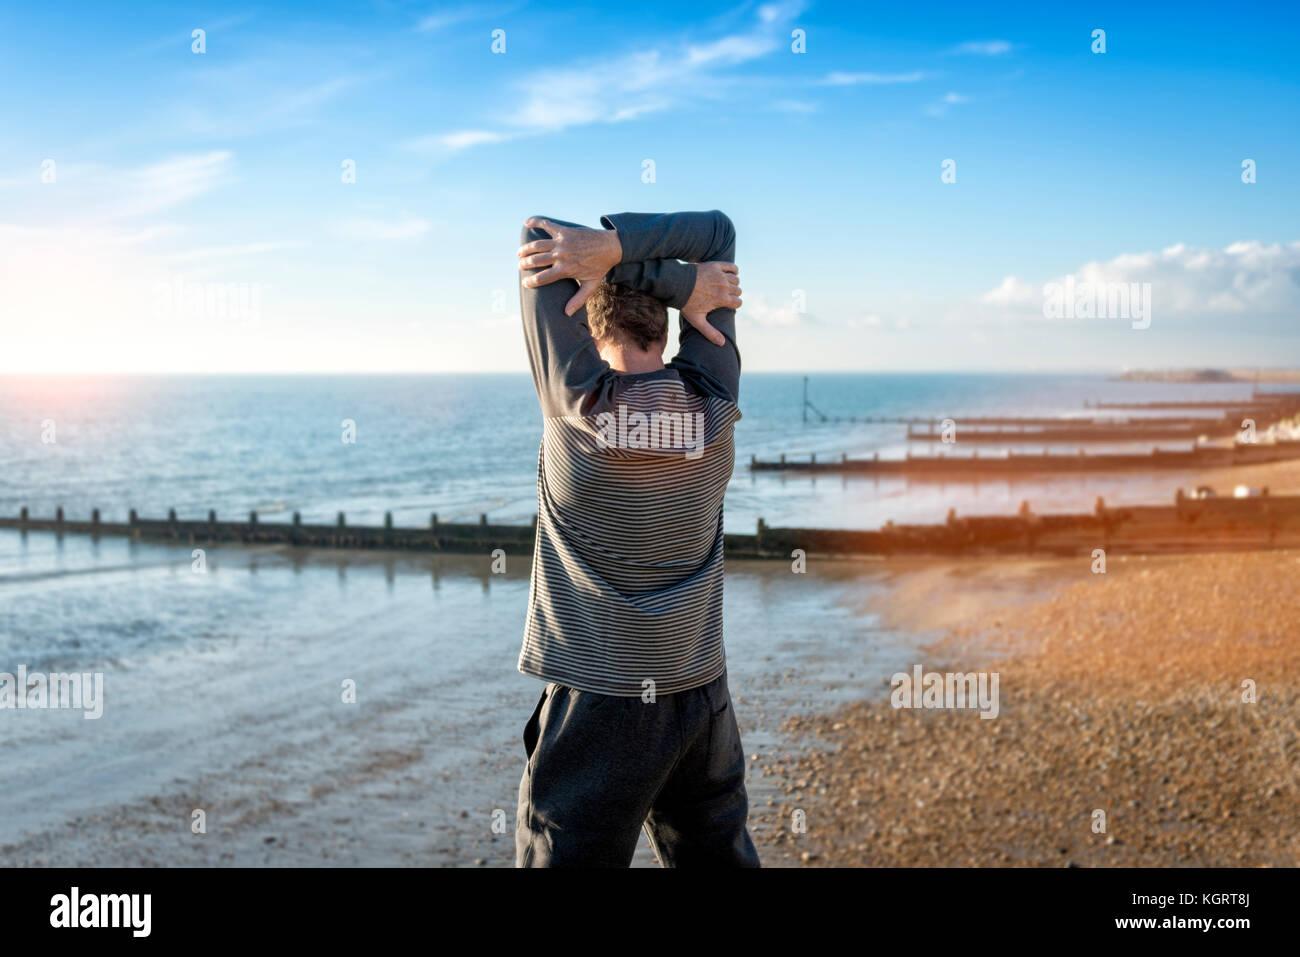 L uomo lo stiramento dal mare, in fase di riscaldamento prima di allenamento. Immagini Stock